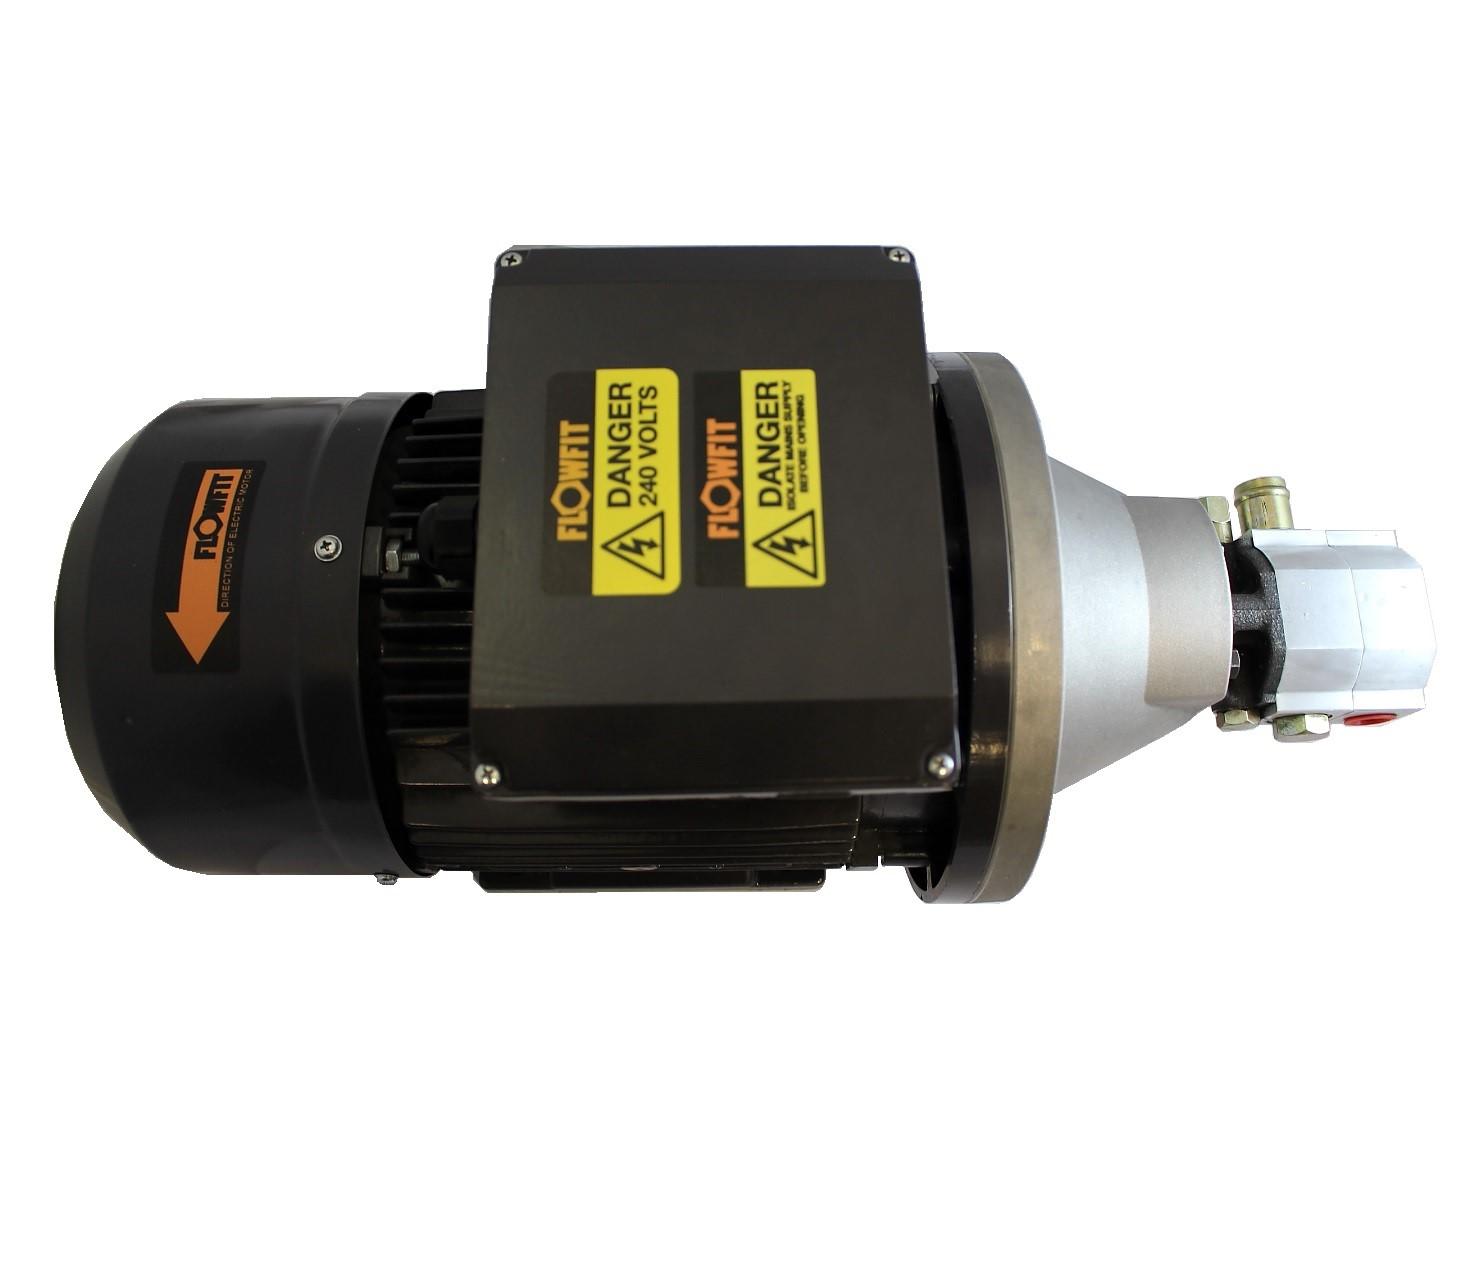 Hydraulic electric motor pump set 3 7kw 240v single phase for Electric motor hydraulic pump